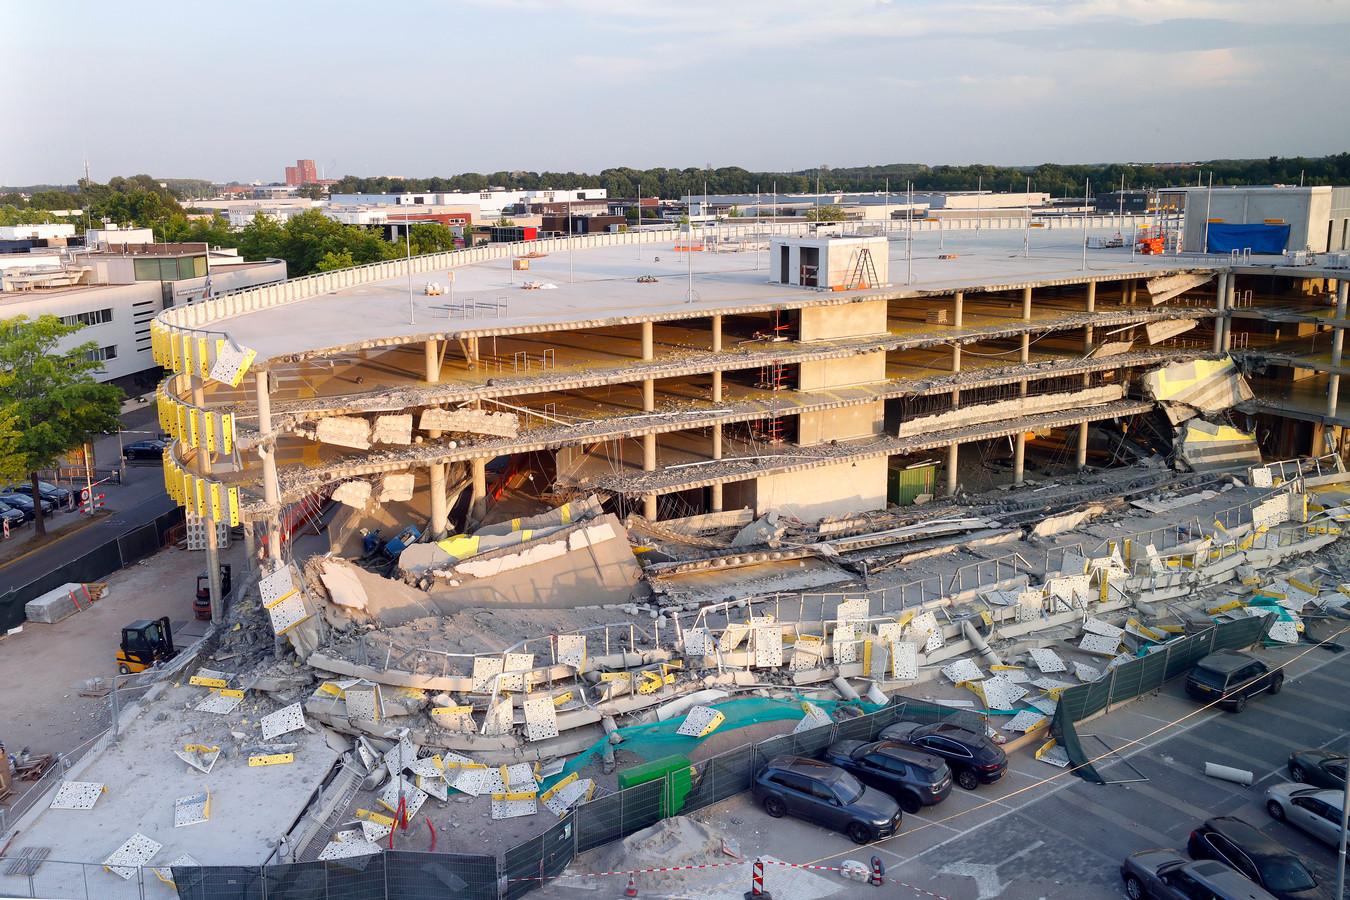 De ravage na het deels instorten van de inbouw zijnde parkeergarage op Eindhoven Airport.